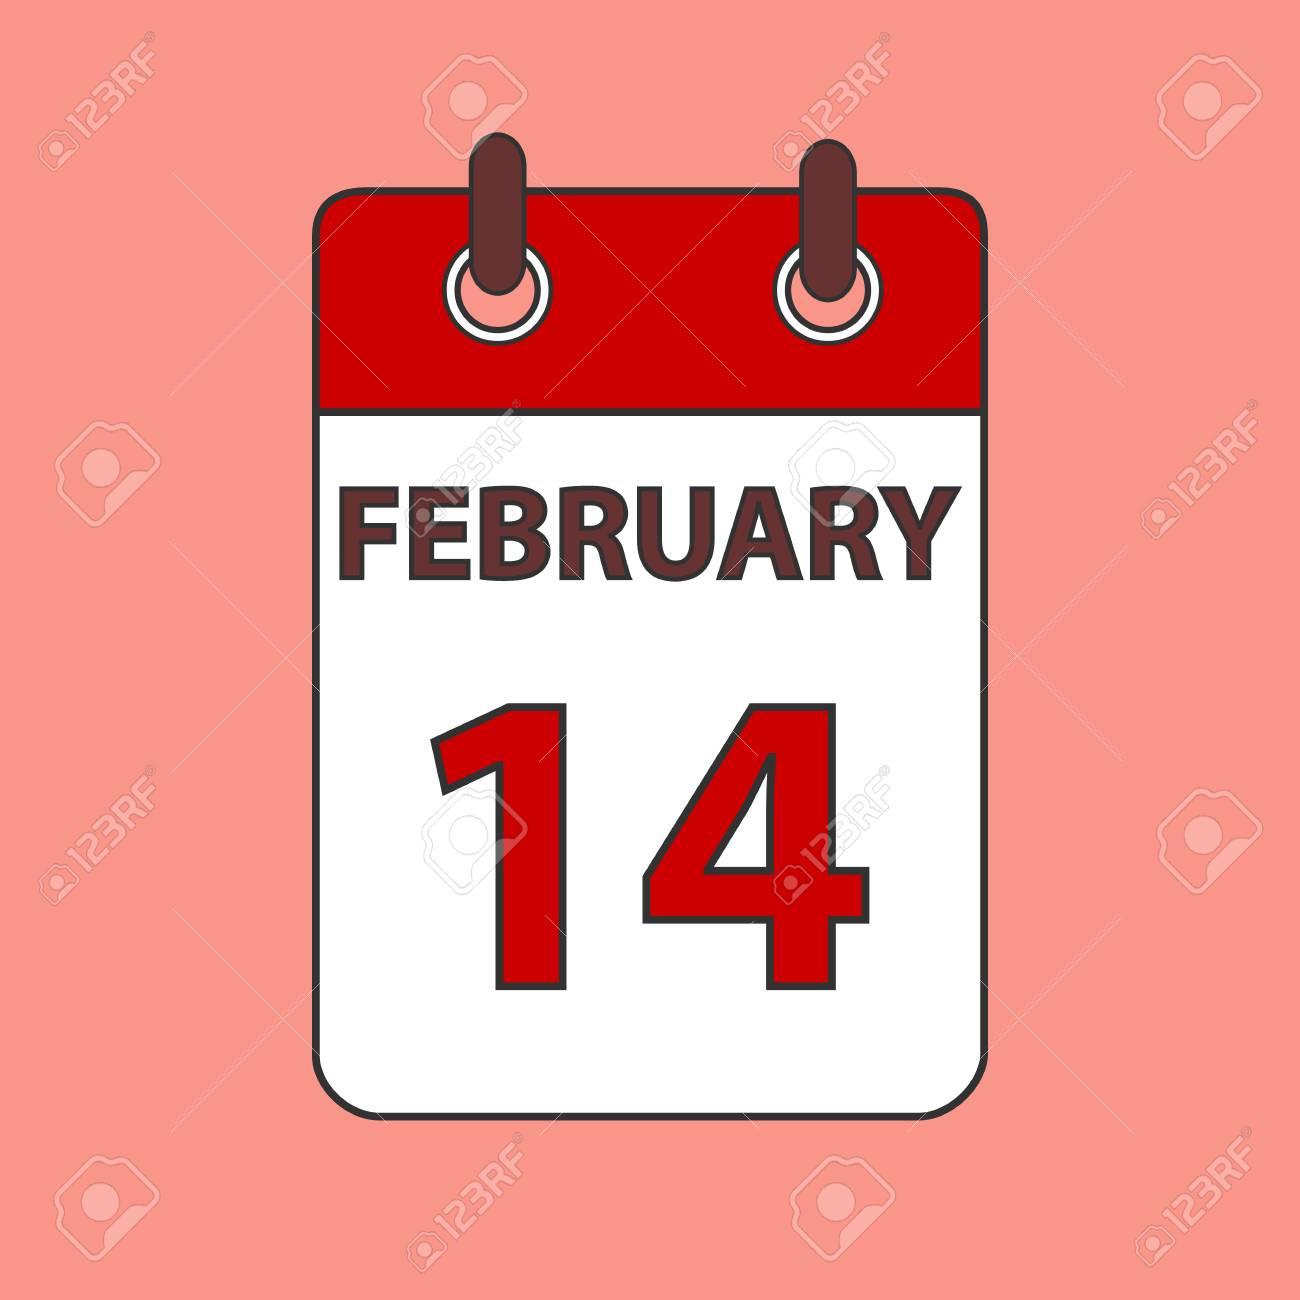 カレンダーの 2 月 14 日のイラスト素材 ベクタ Image